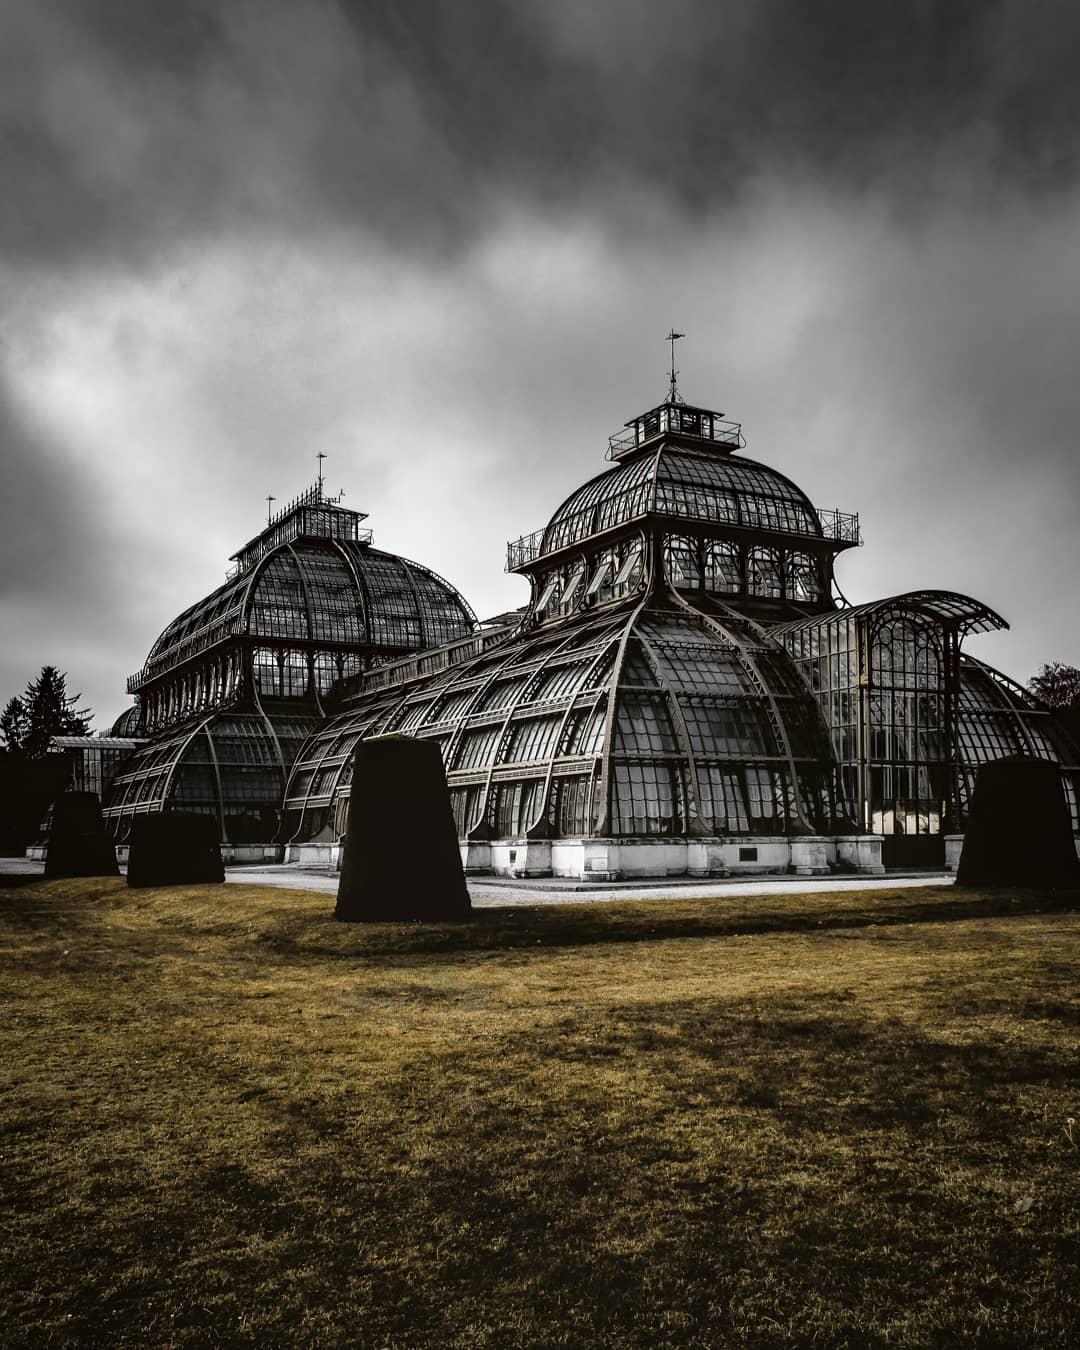 Das berühmte Palmenhaus in Schönbrunn